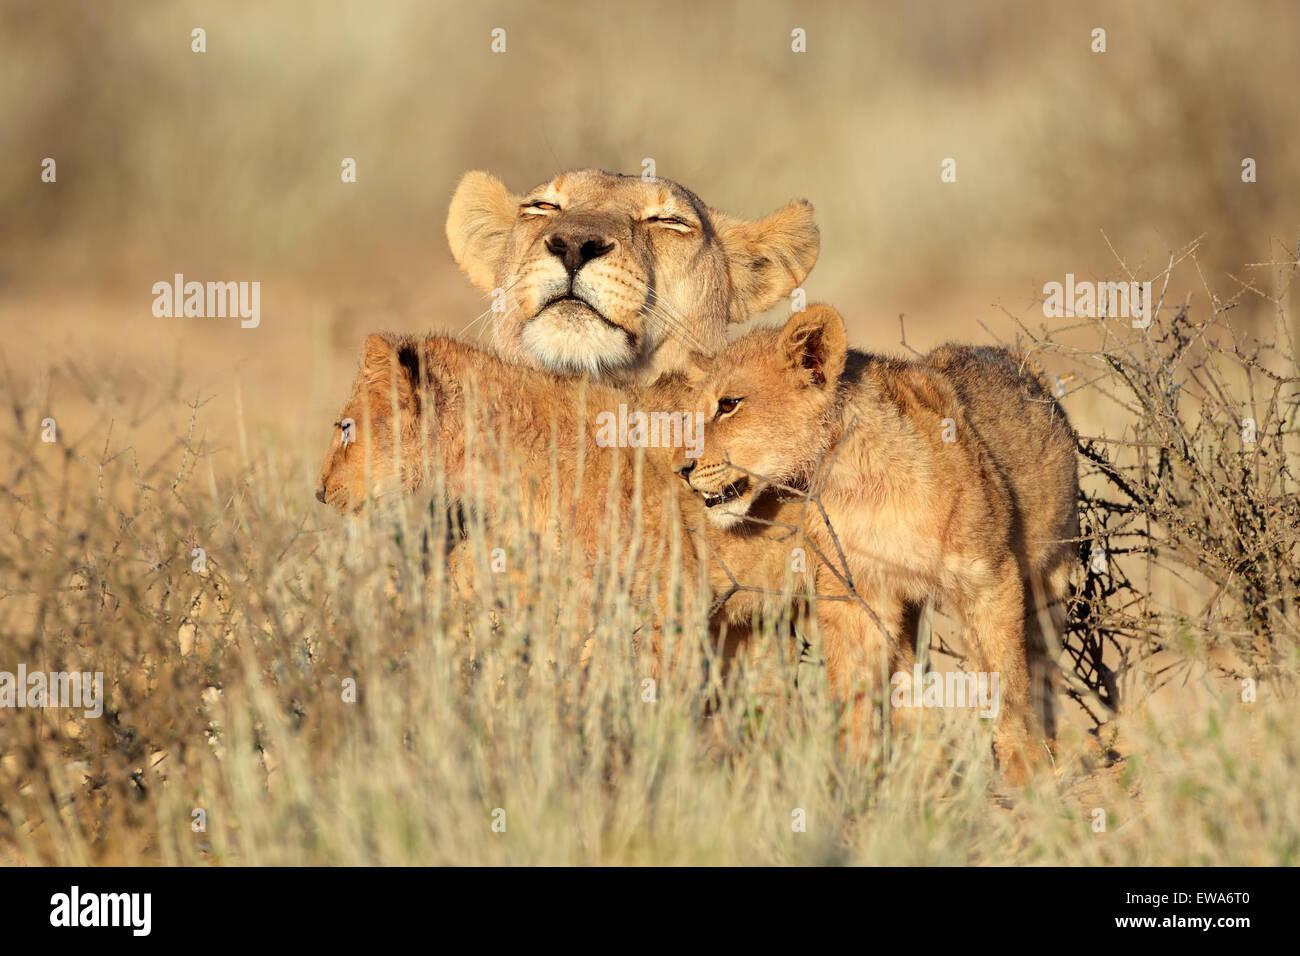 Lioness with young lion cubs (Panthera leo), Kalahari desert, South Africa - Stock Image